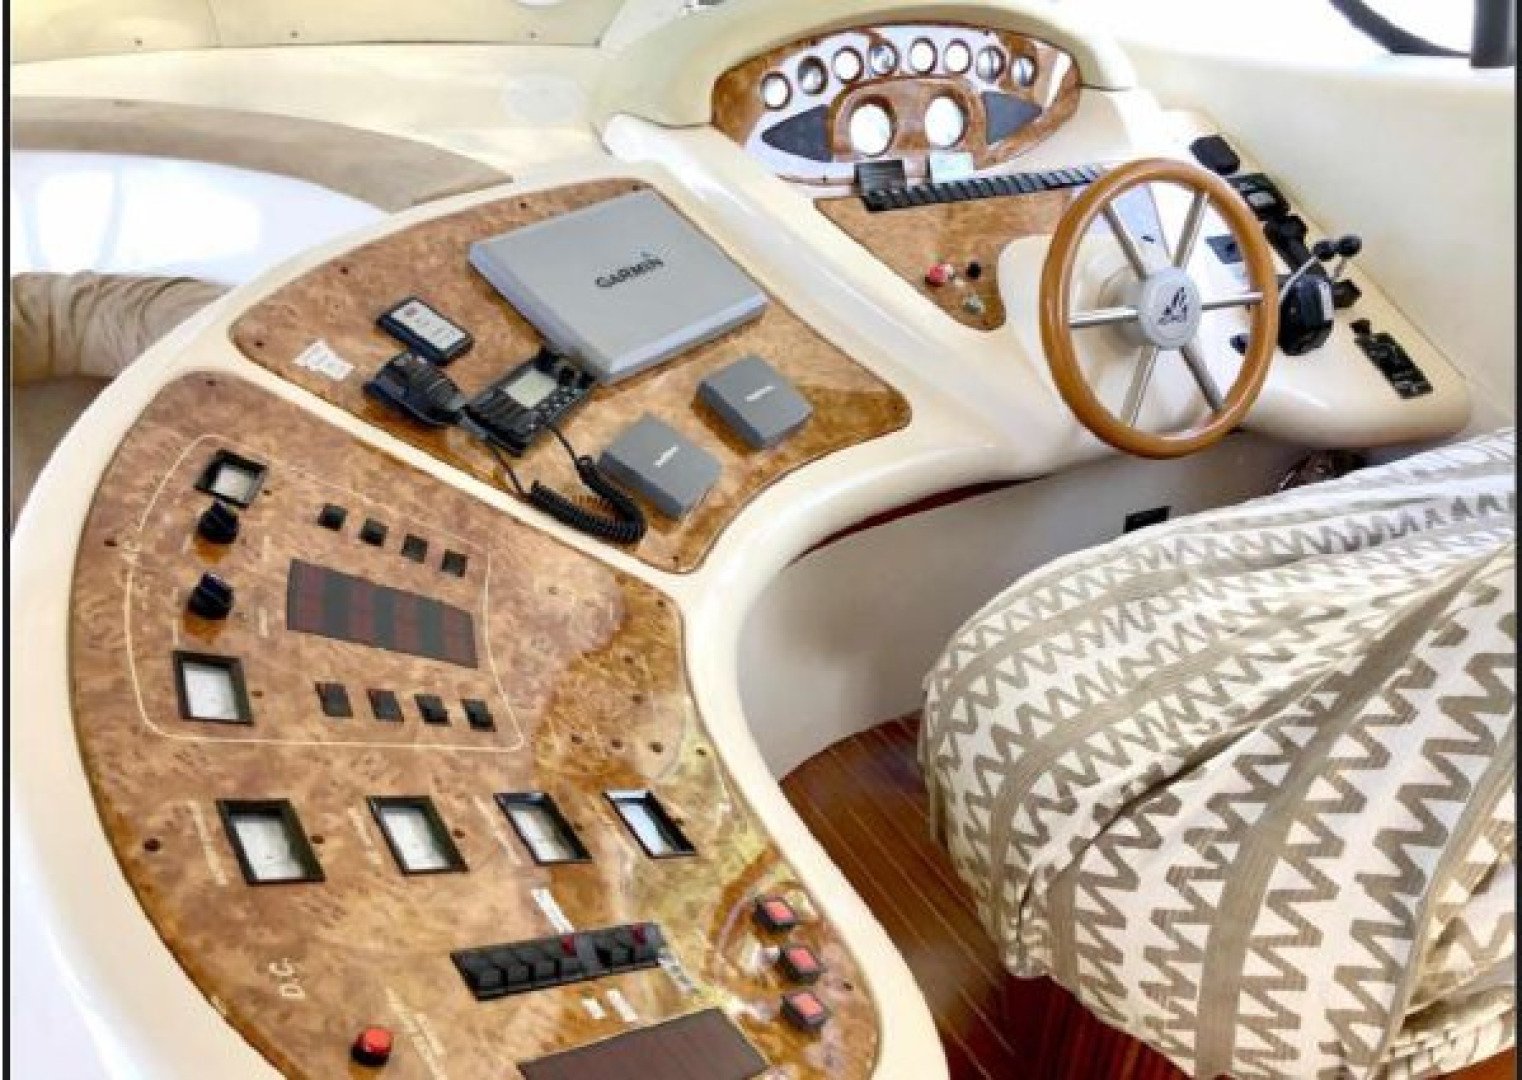 Azimut-Flybridge Motor Yacht 2000 -Boca Raton-Florida-United States-1564048 | Thumbnail